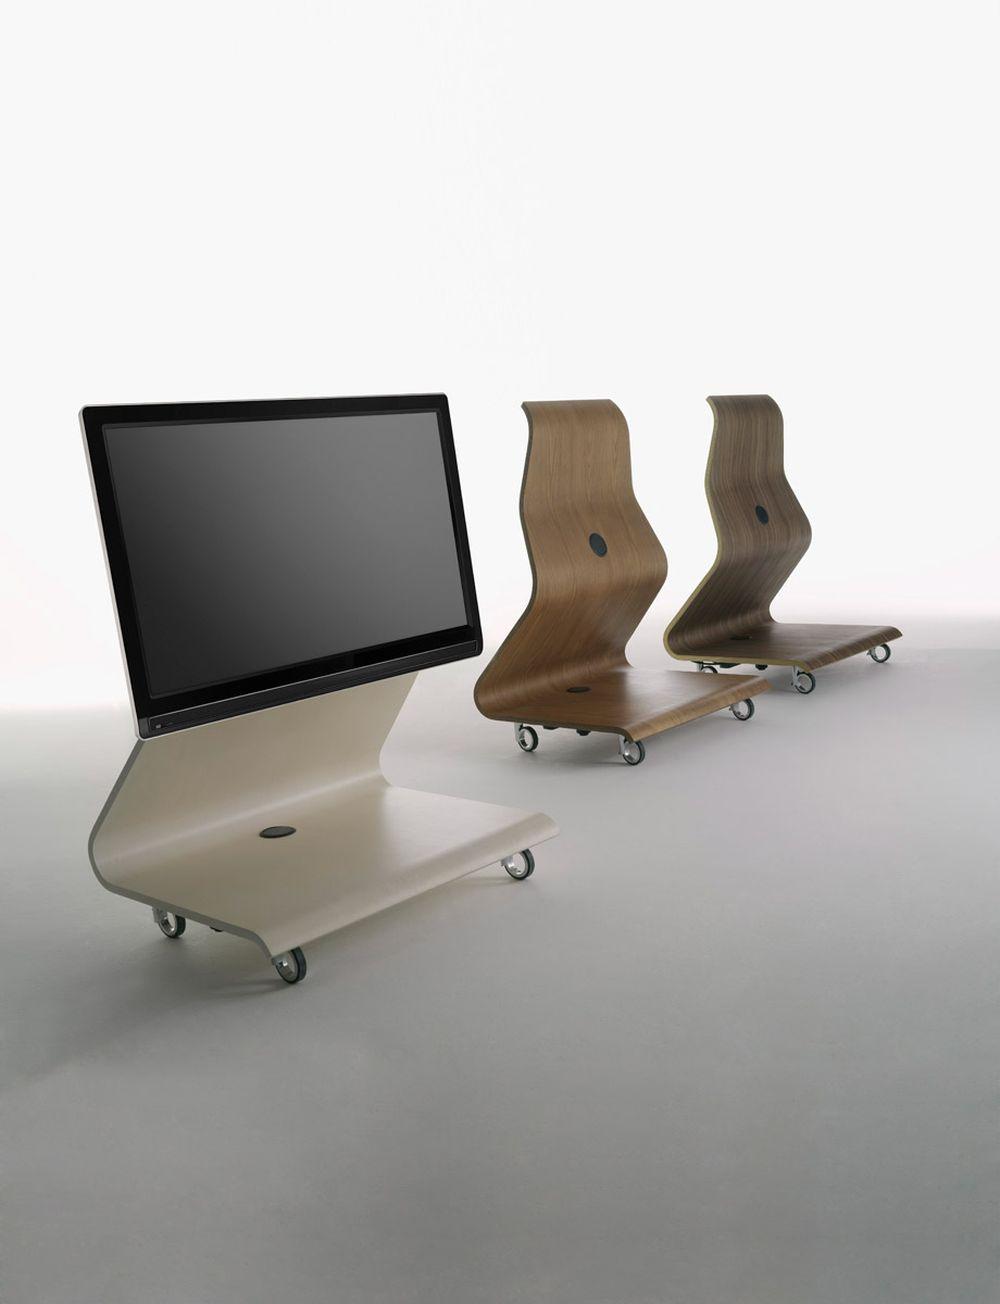 Mueble tv ruedas cobra mbit for Muebles television con ruedas